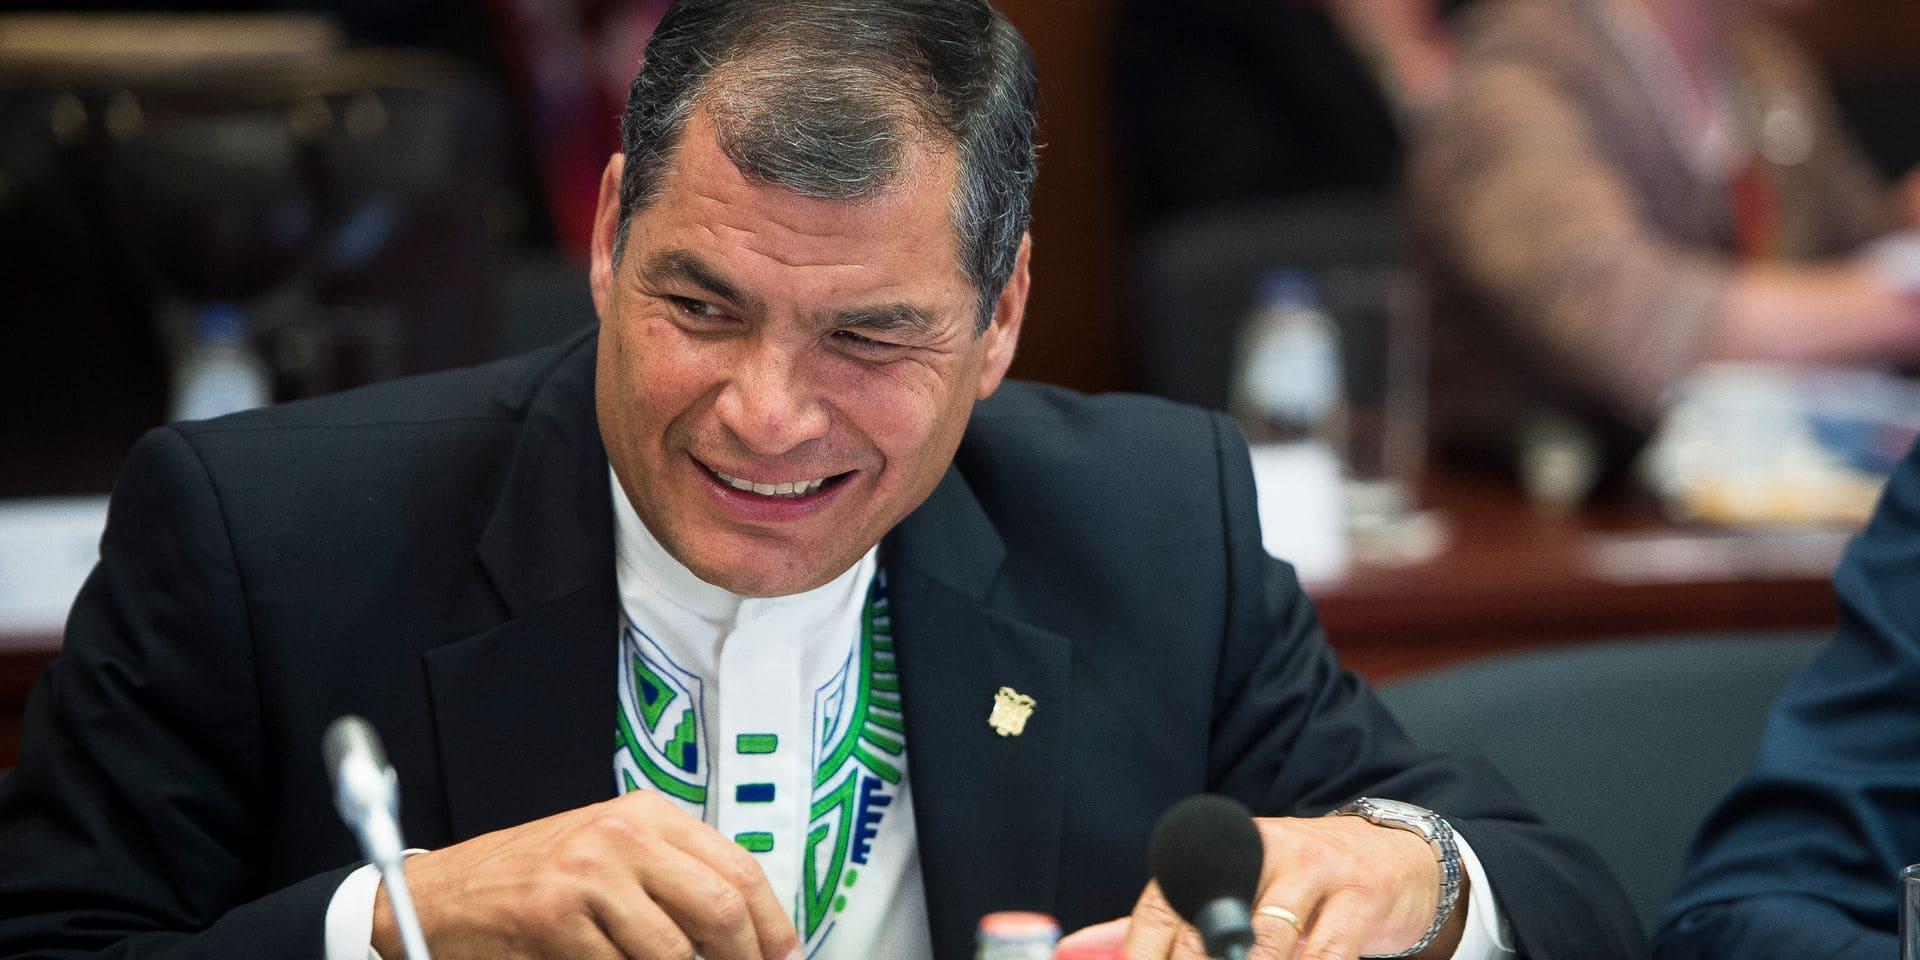 Équateur: la justice confirme la peine de prison de l'ex-président vivant en Belgique